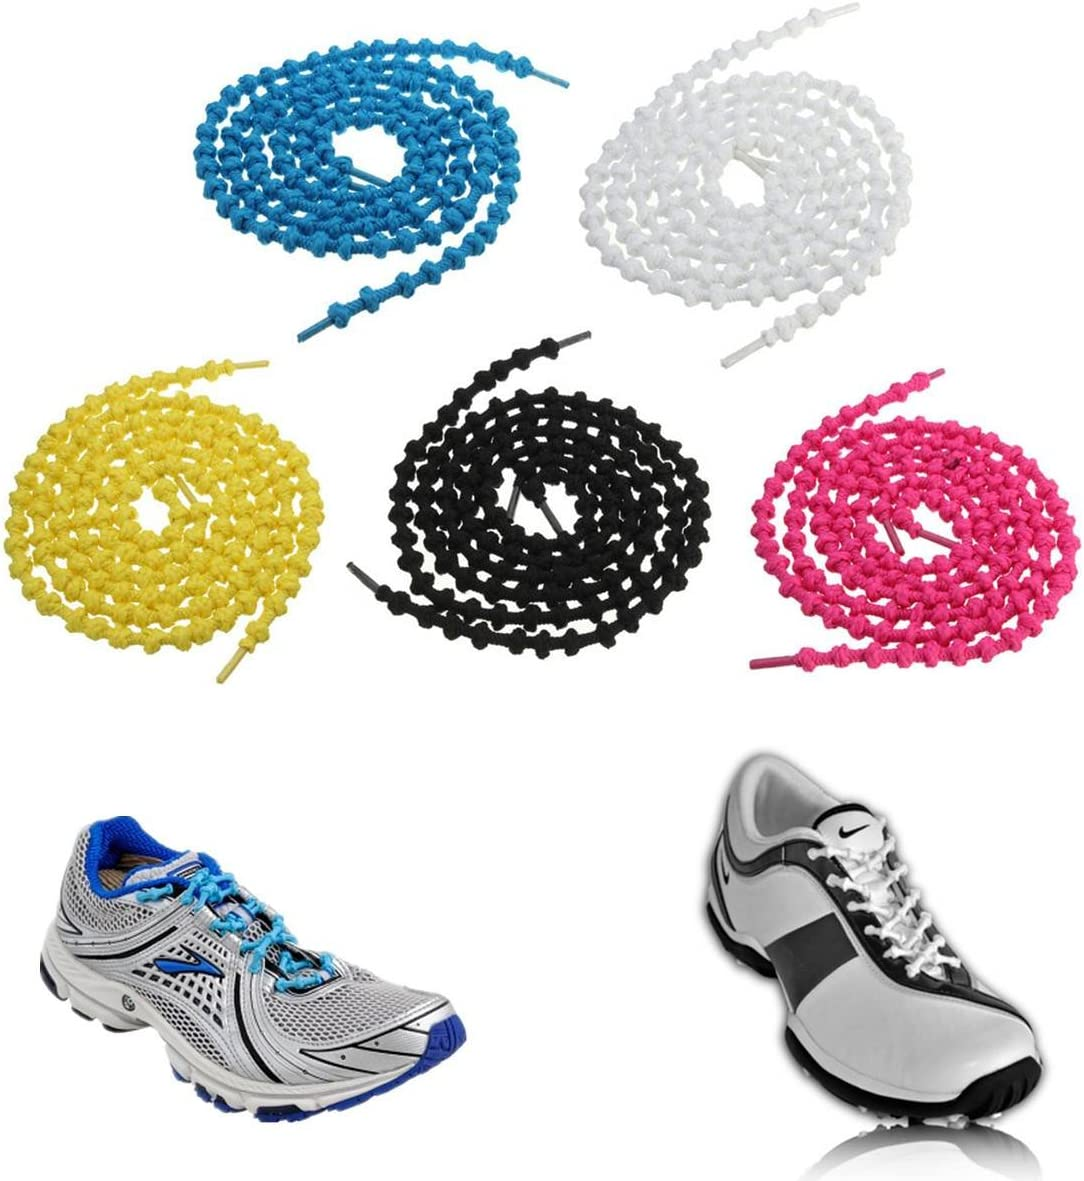 Cordones elásticos CAMTOA triatlón Zapatillas Running Unisex zapatos cordones cuerdas todas las estaciones con anti-Loose nodos de bloqueo Negro negro: Amazon.es: Deportes y aire libre